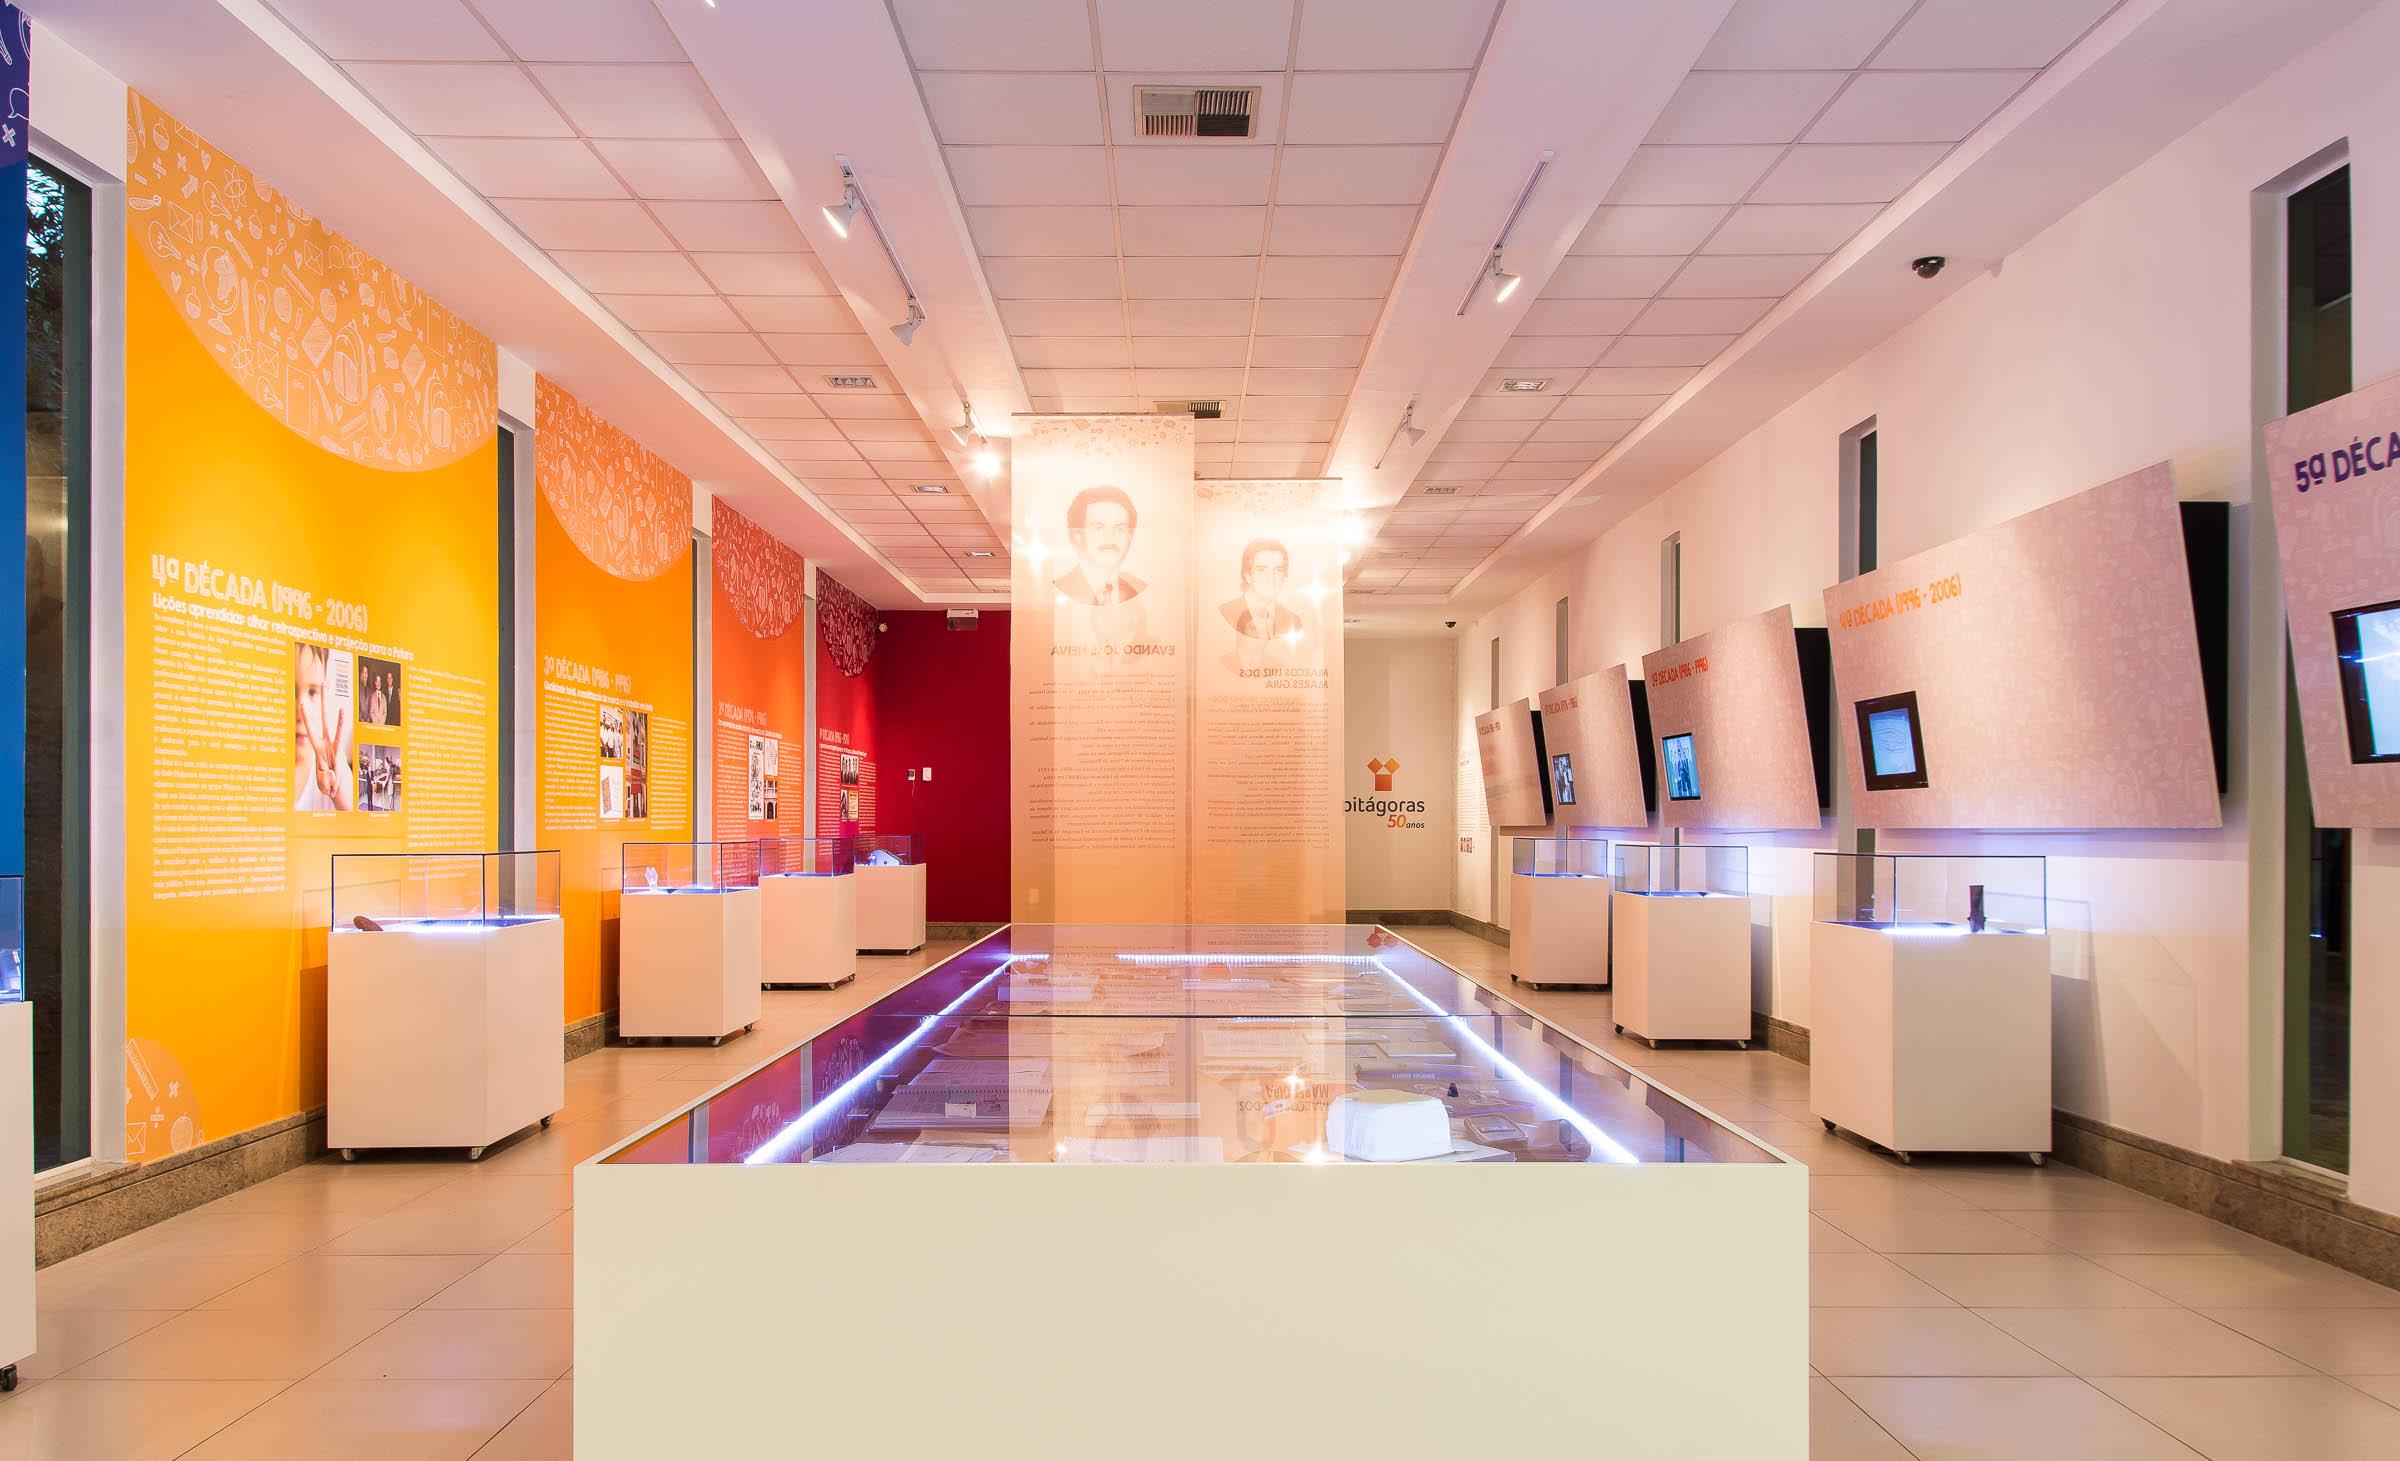 Projeto Expográfico do Centro de Memória Pitágoras - Belo Horizonte - MG